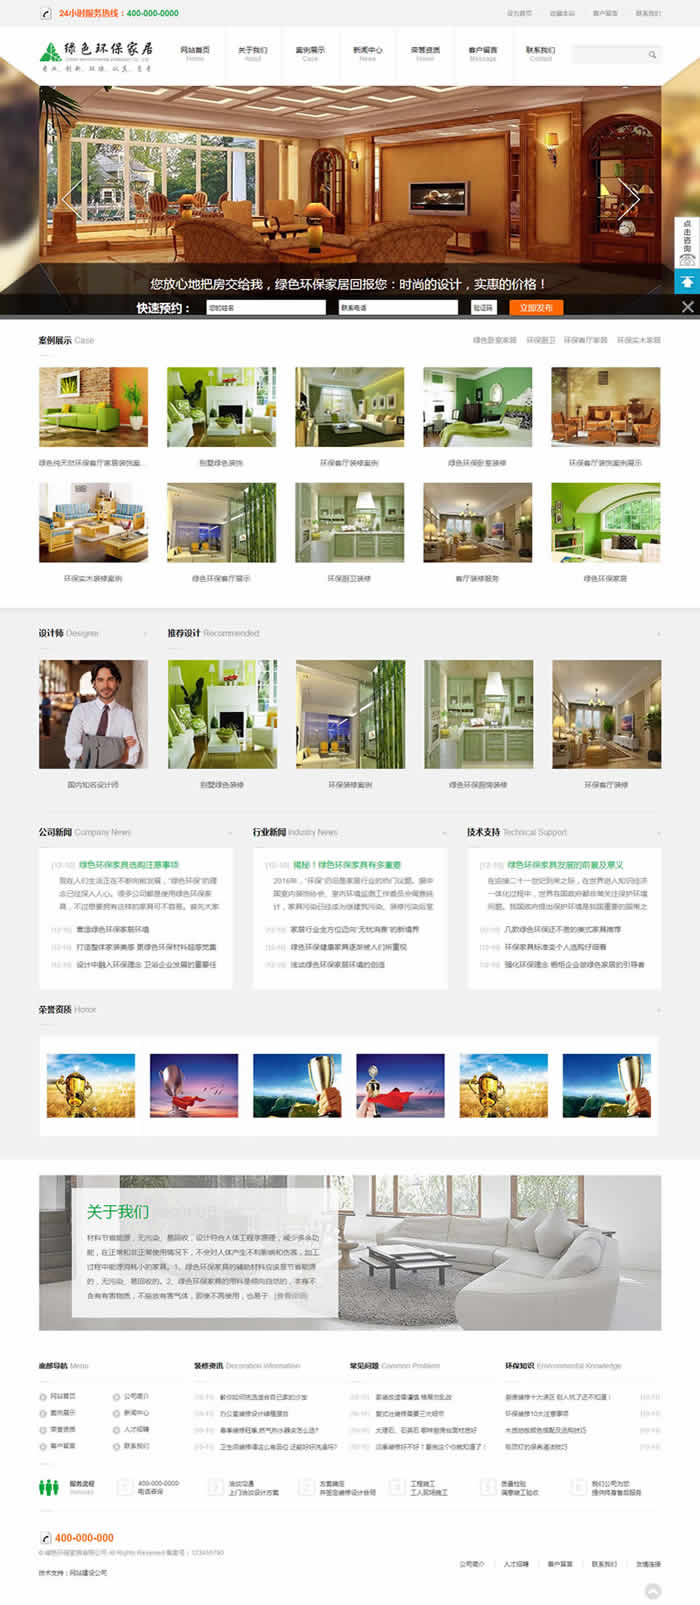 裝飾裝修類營銷型網站